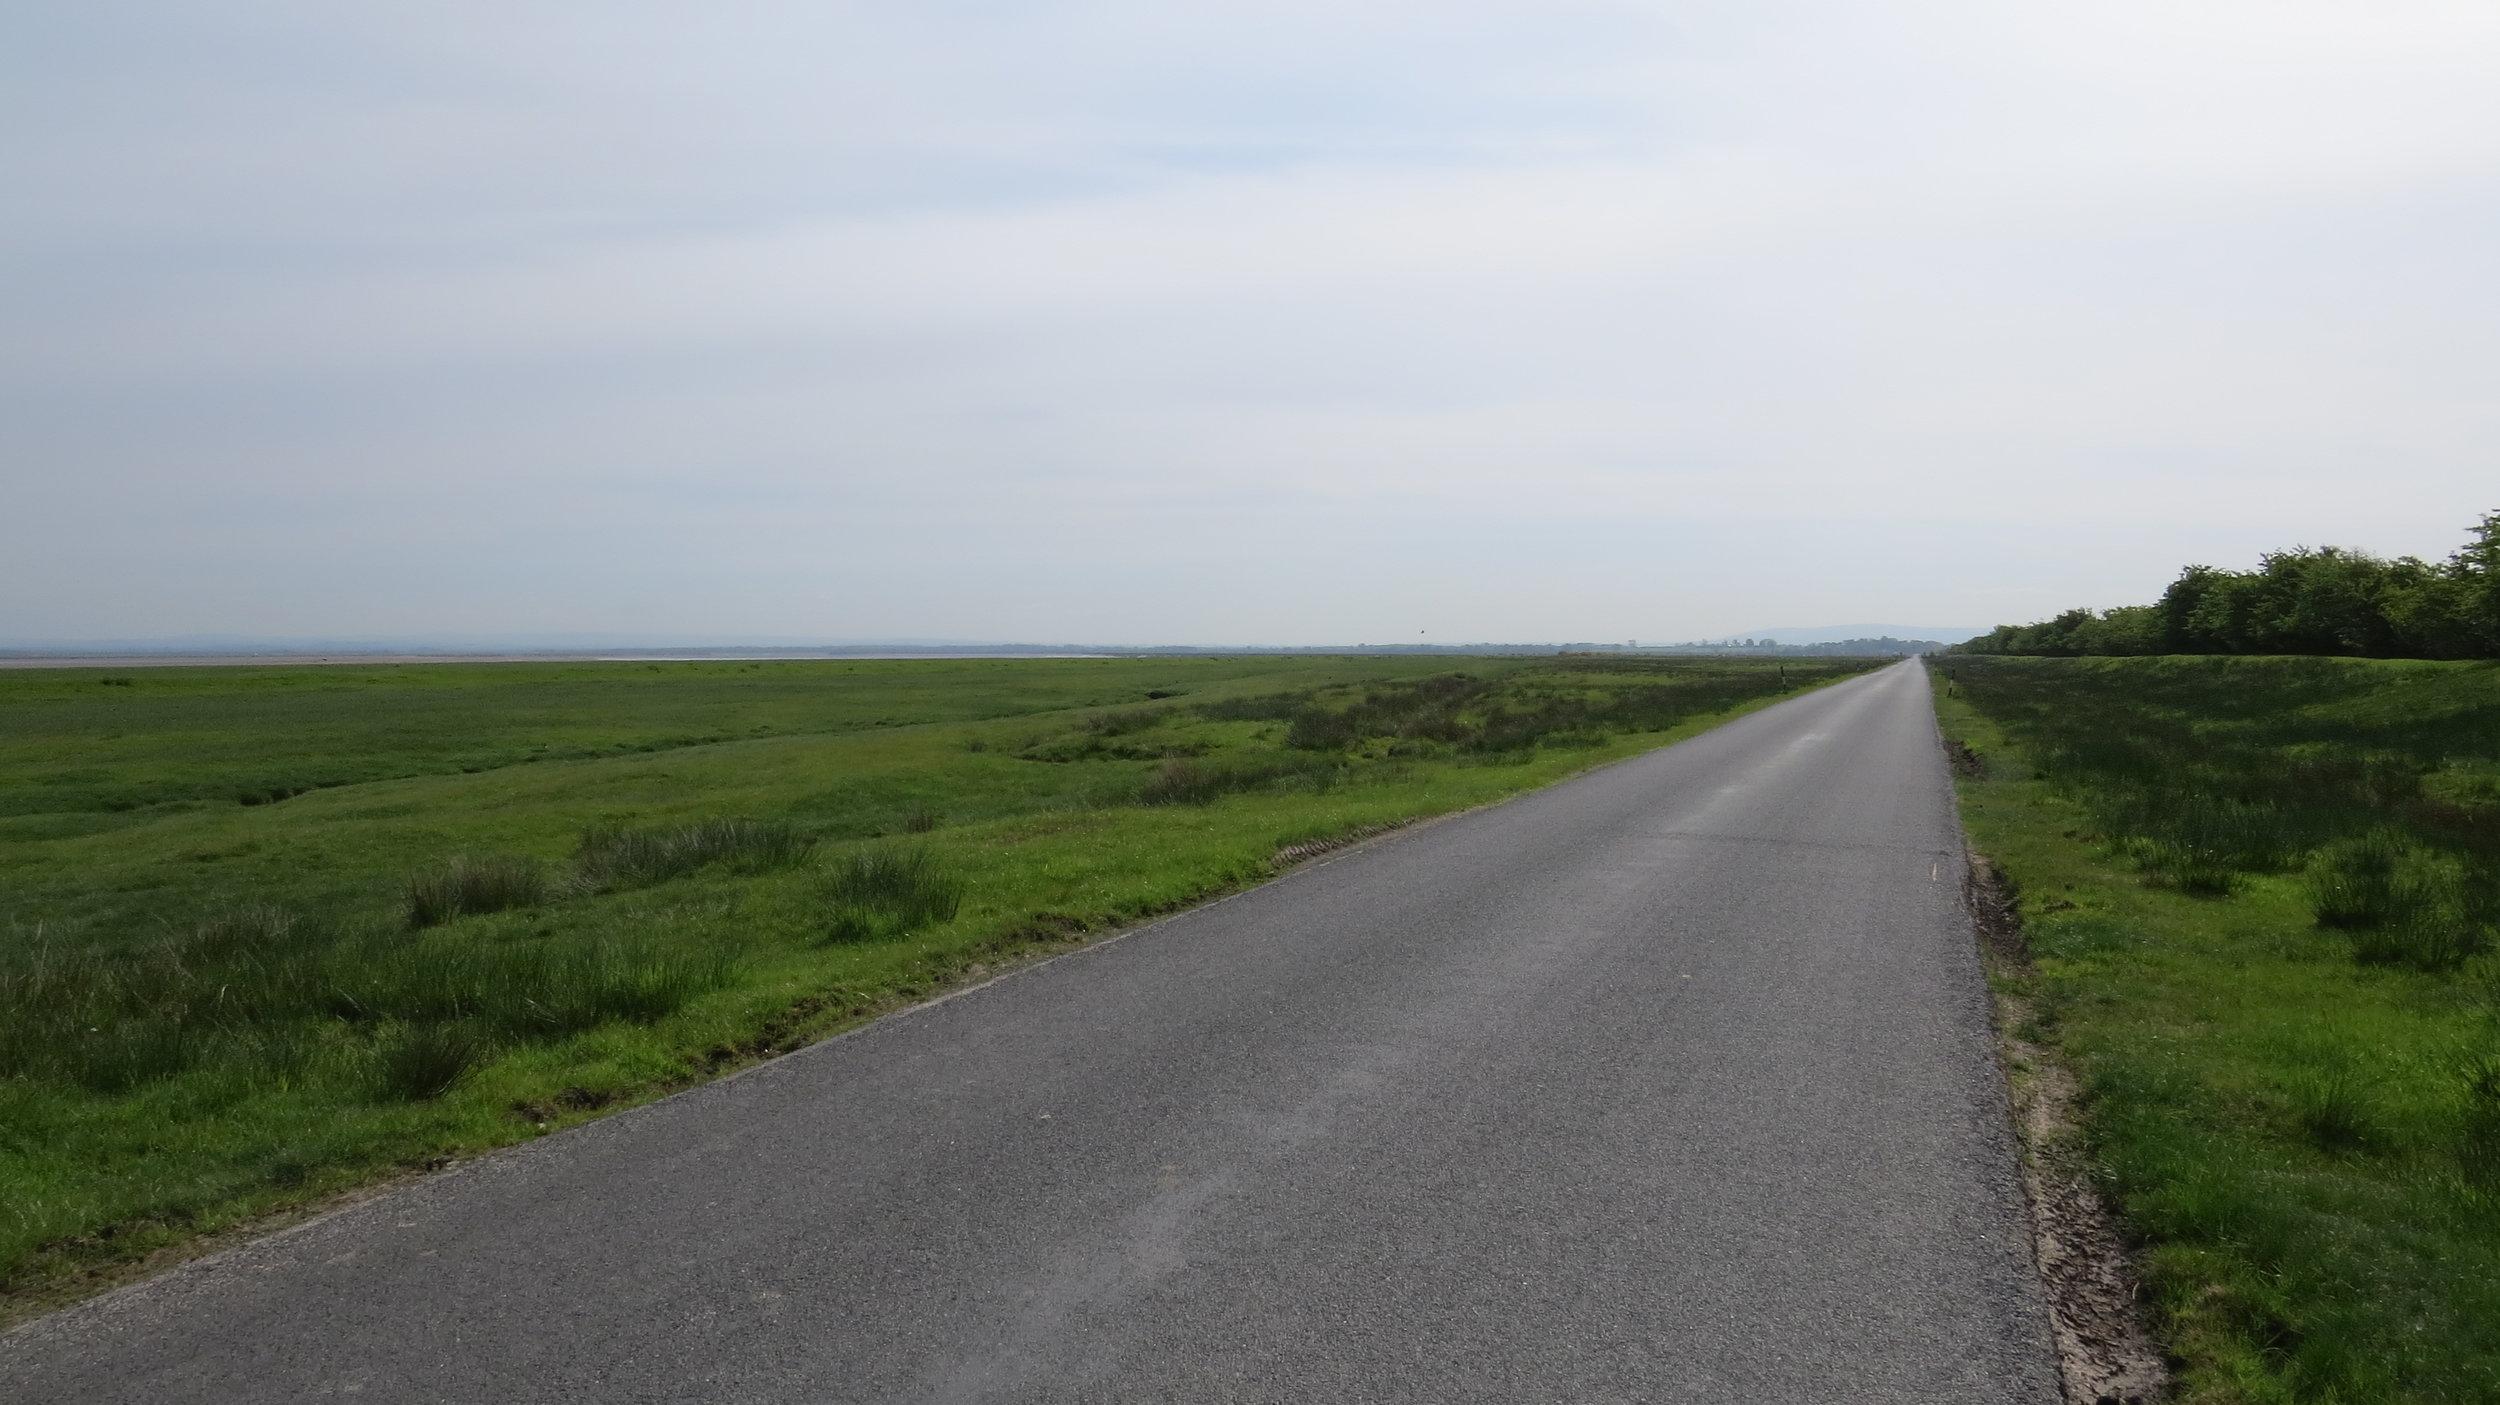 Long Tidal Road